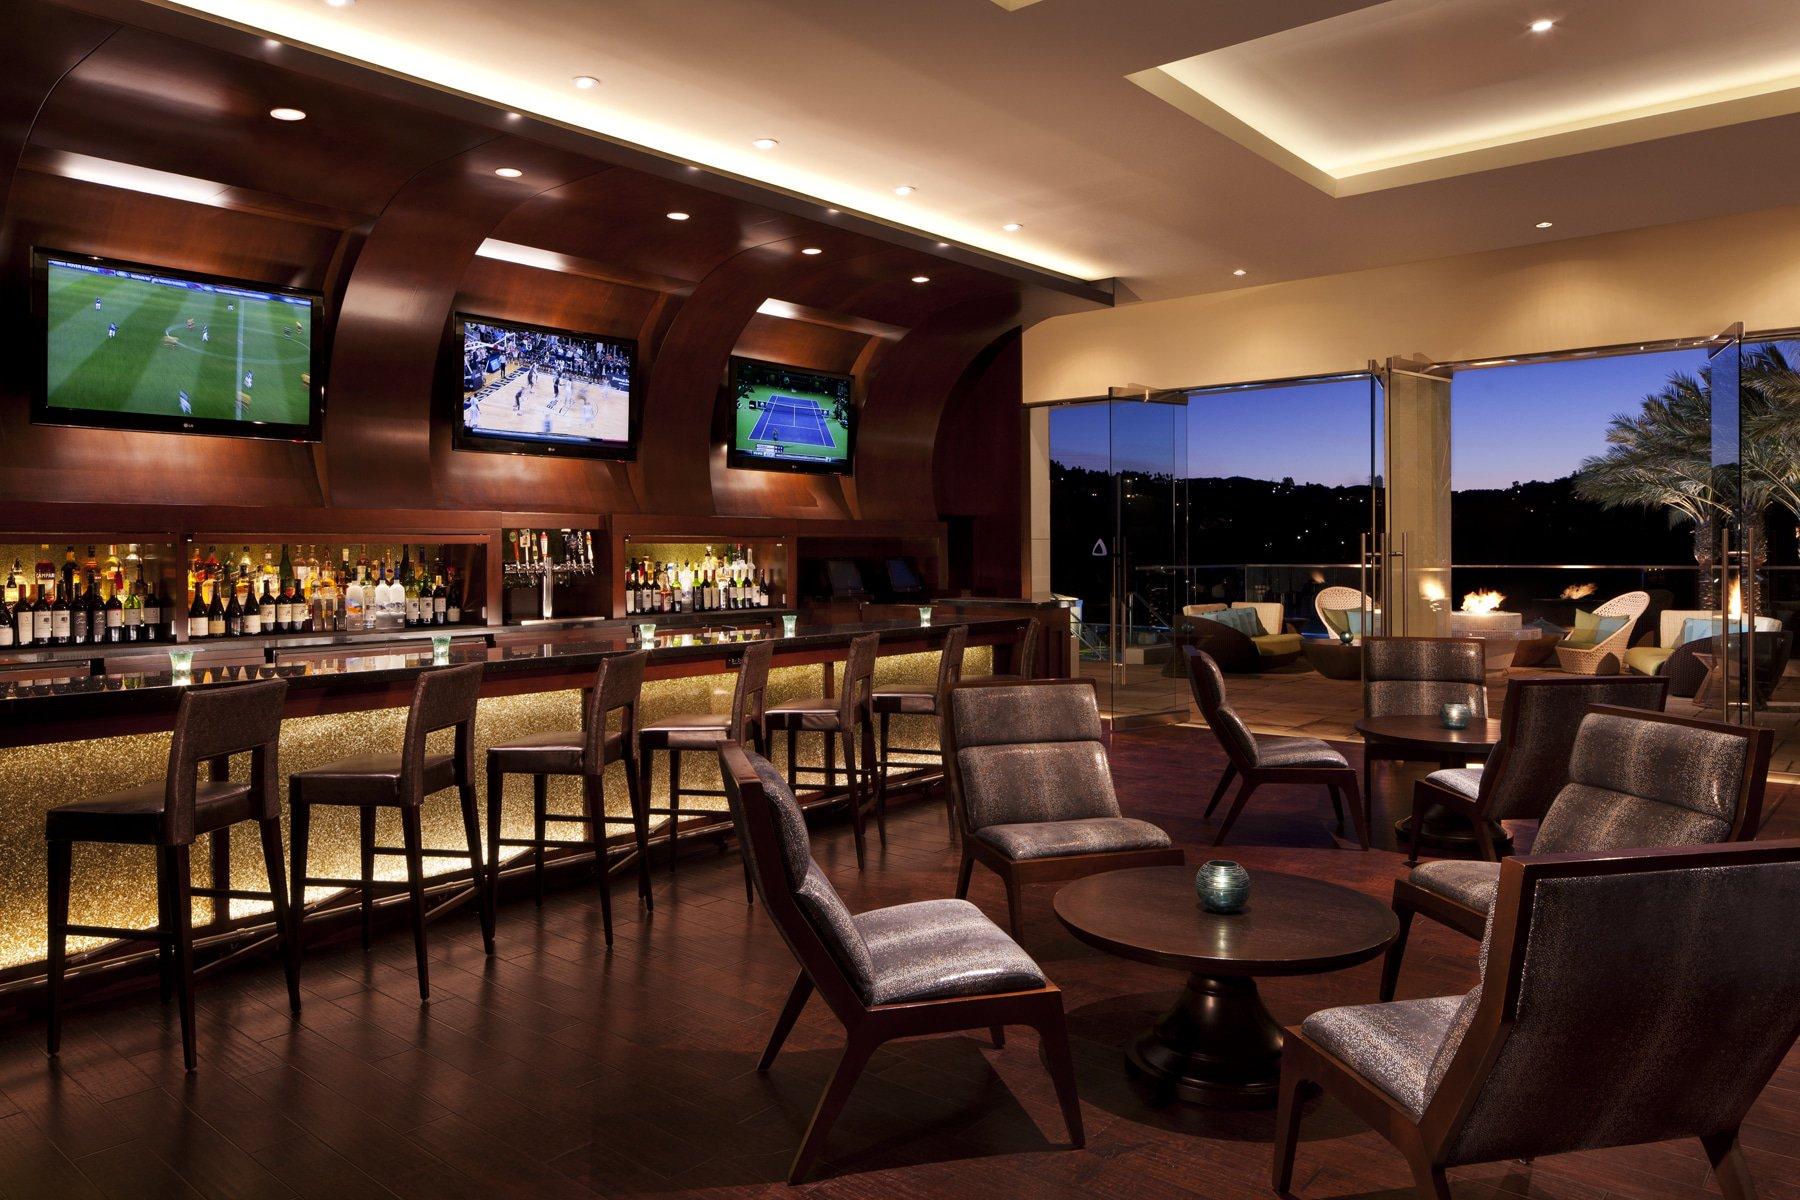 Omni La Costa Diversions Sport Lounge